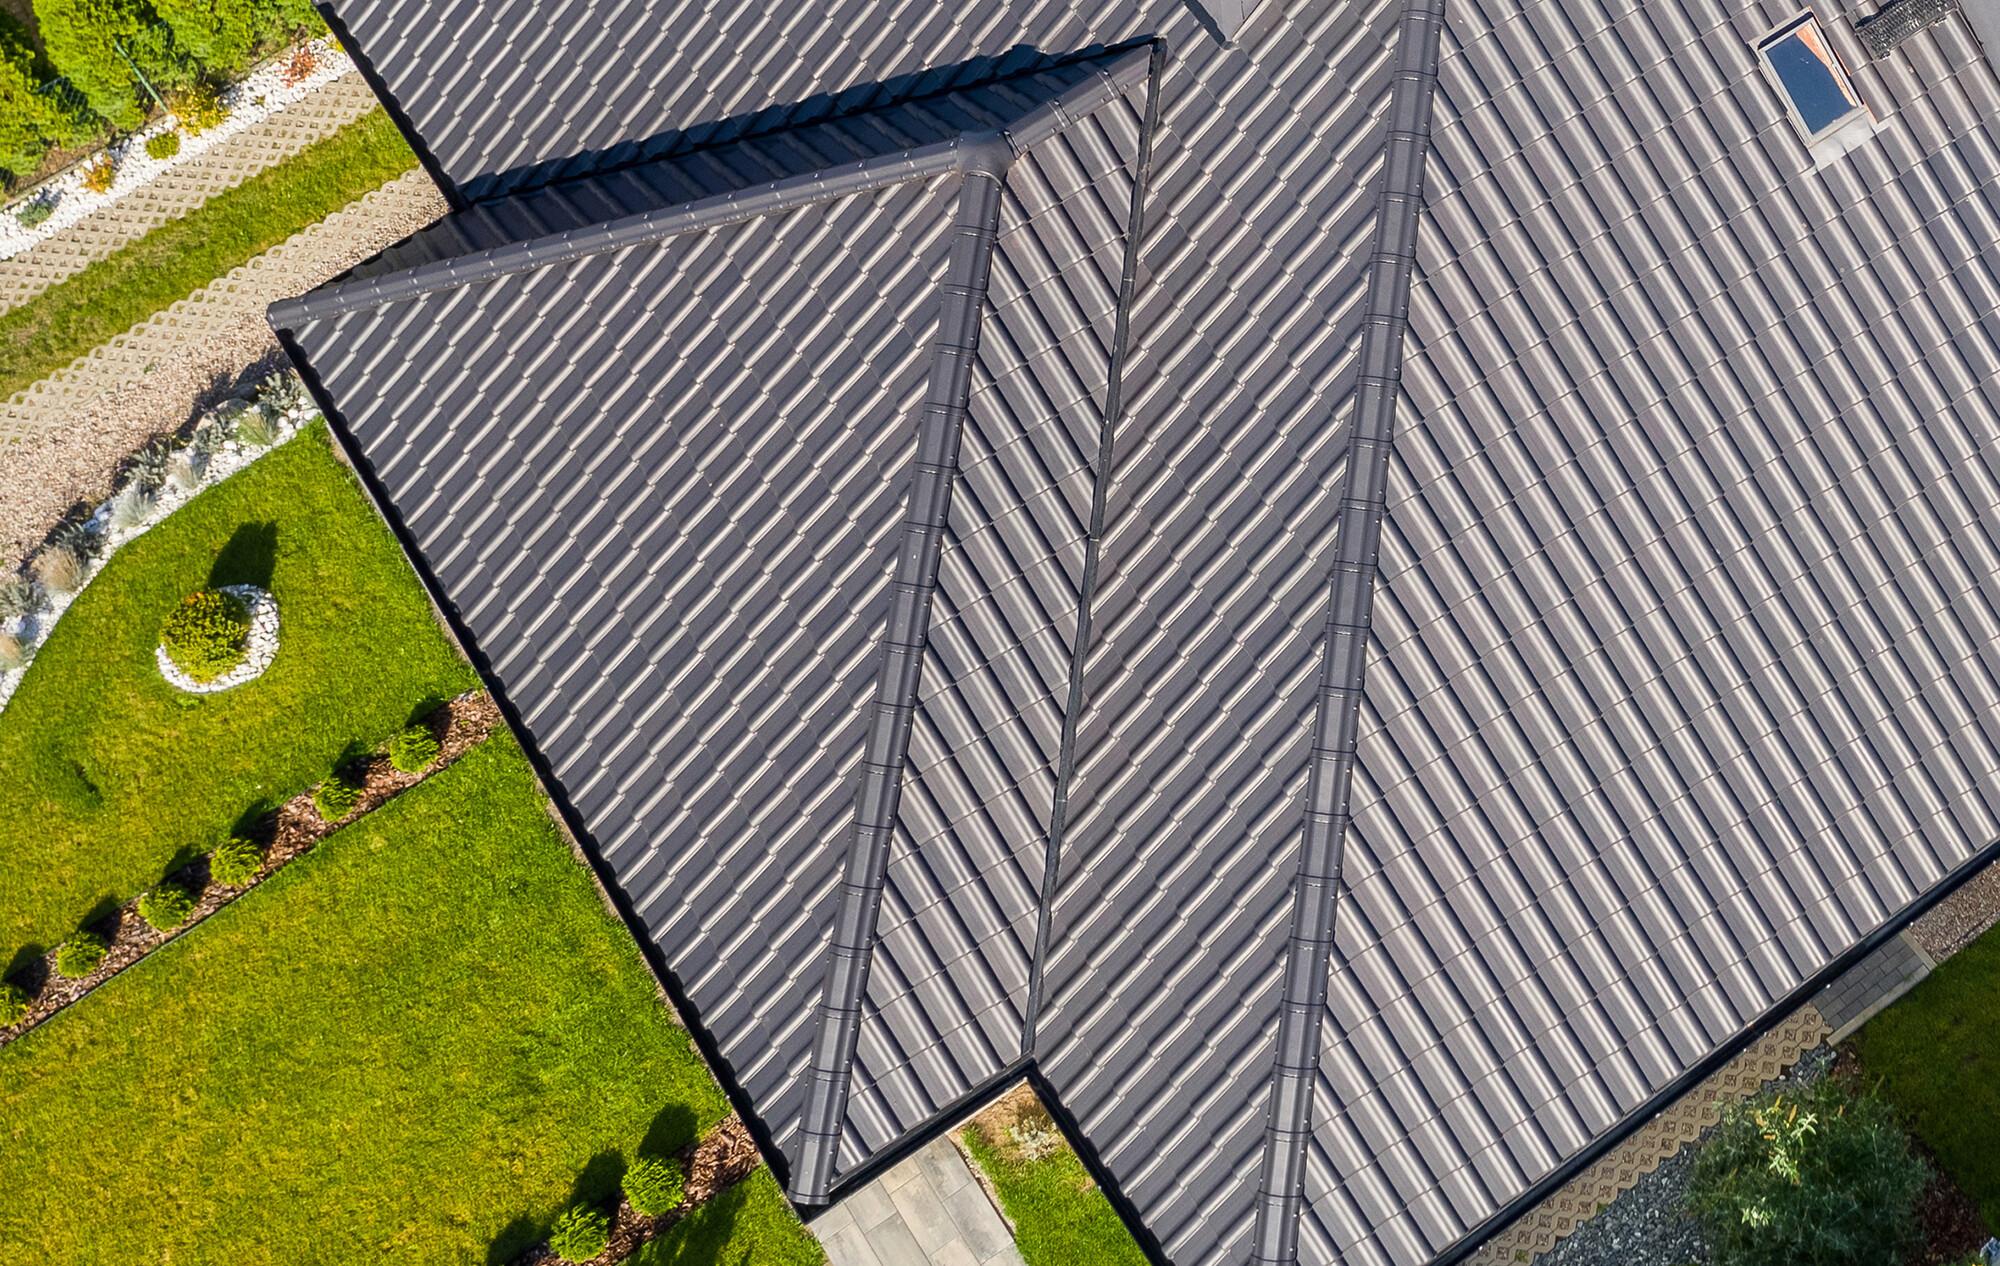 Kosz dachowy, nazywany jest również rynną koszową